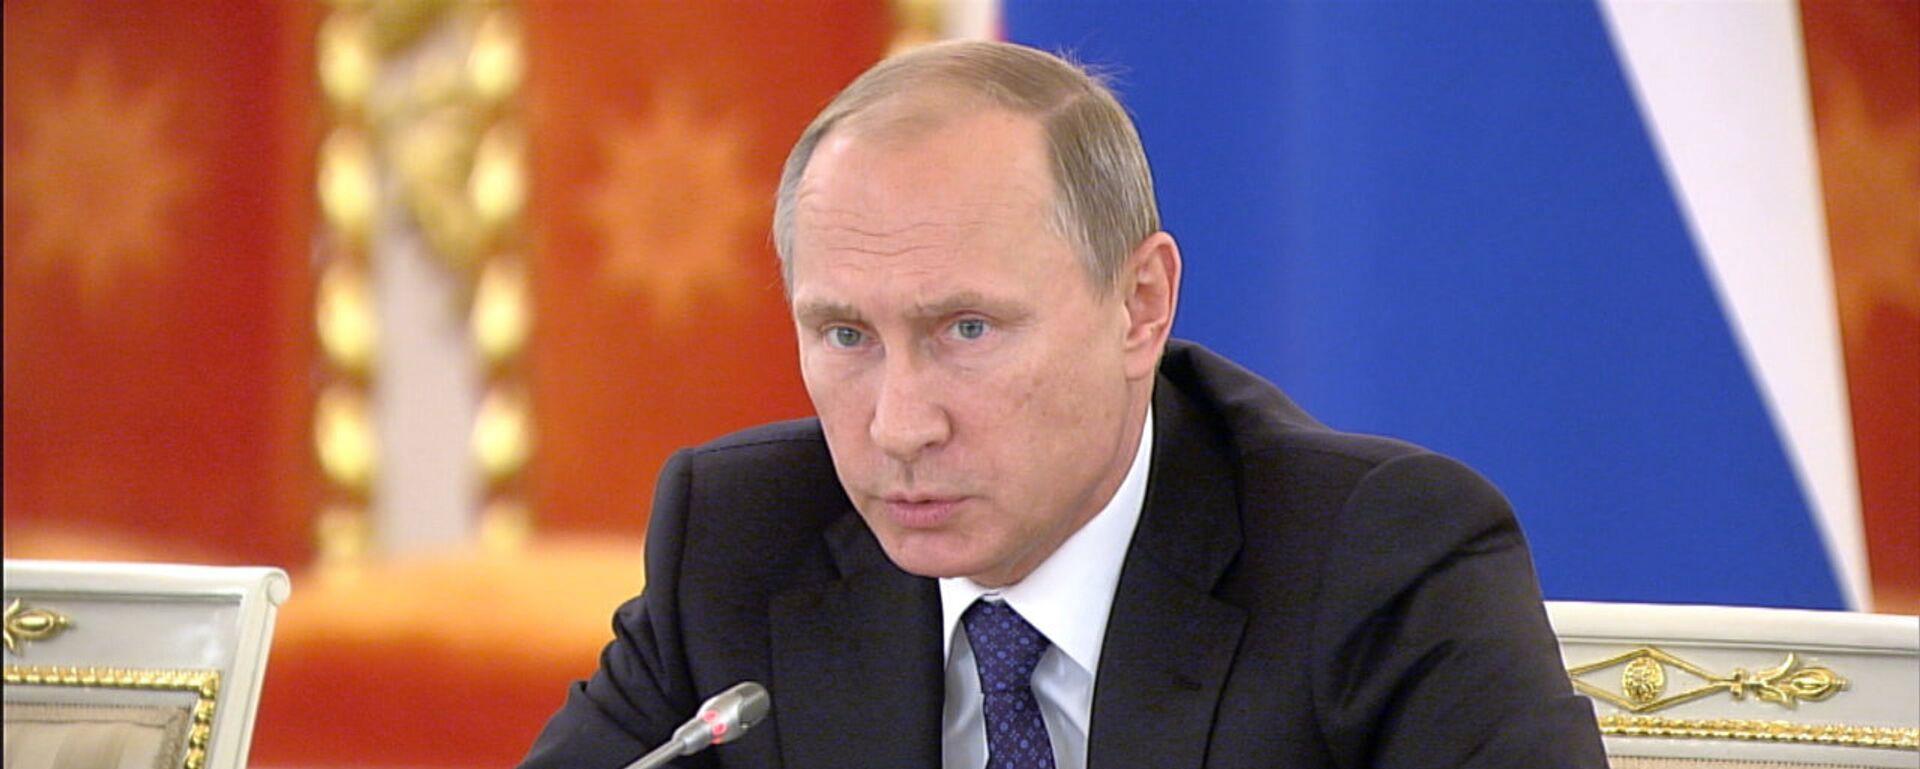 Россия президенти Владимир Путин - Sputnik Ўзбекистон, 1920, 07.10.2016